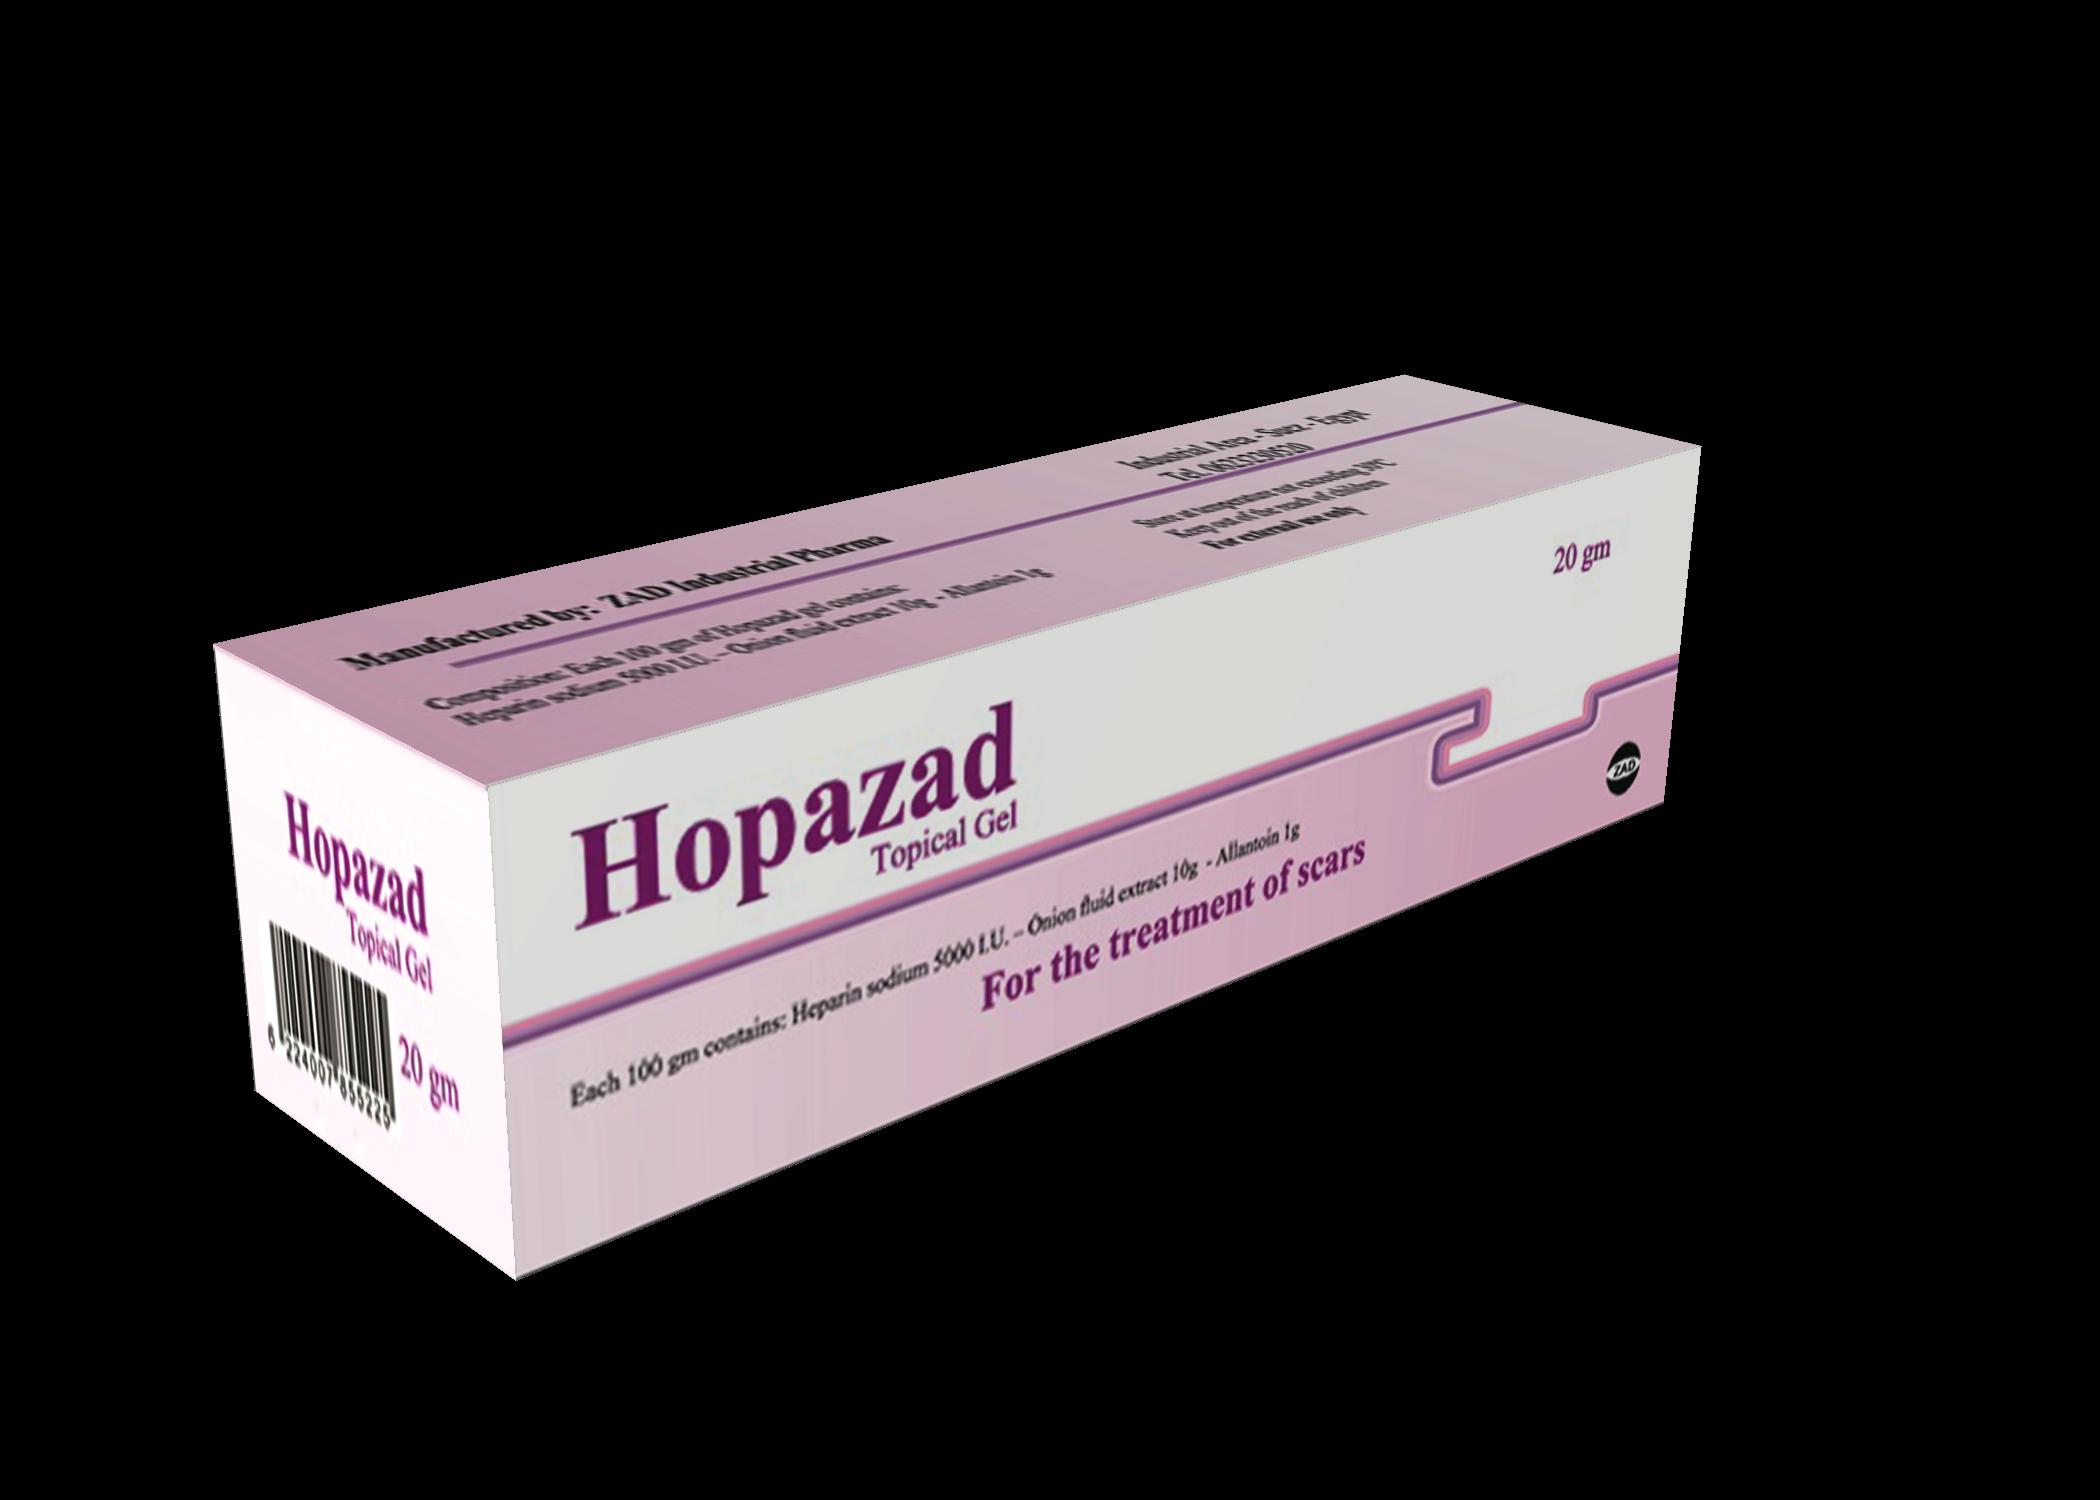 هوبازاد Hopazad جل لازالة آثار الحروق والجروح والندوب وترطيب تشققات الجلد